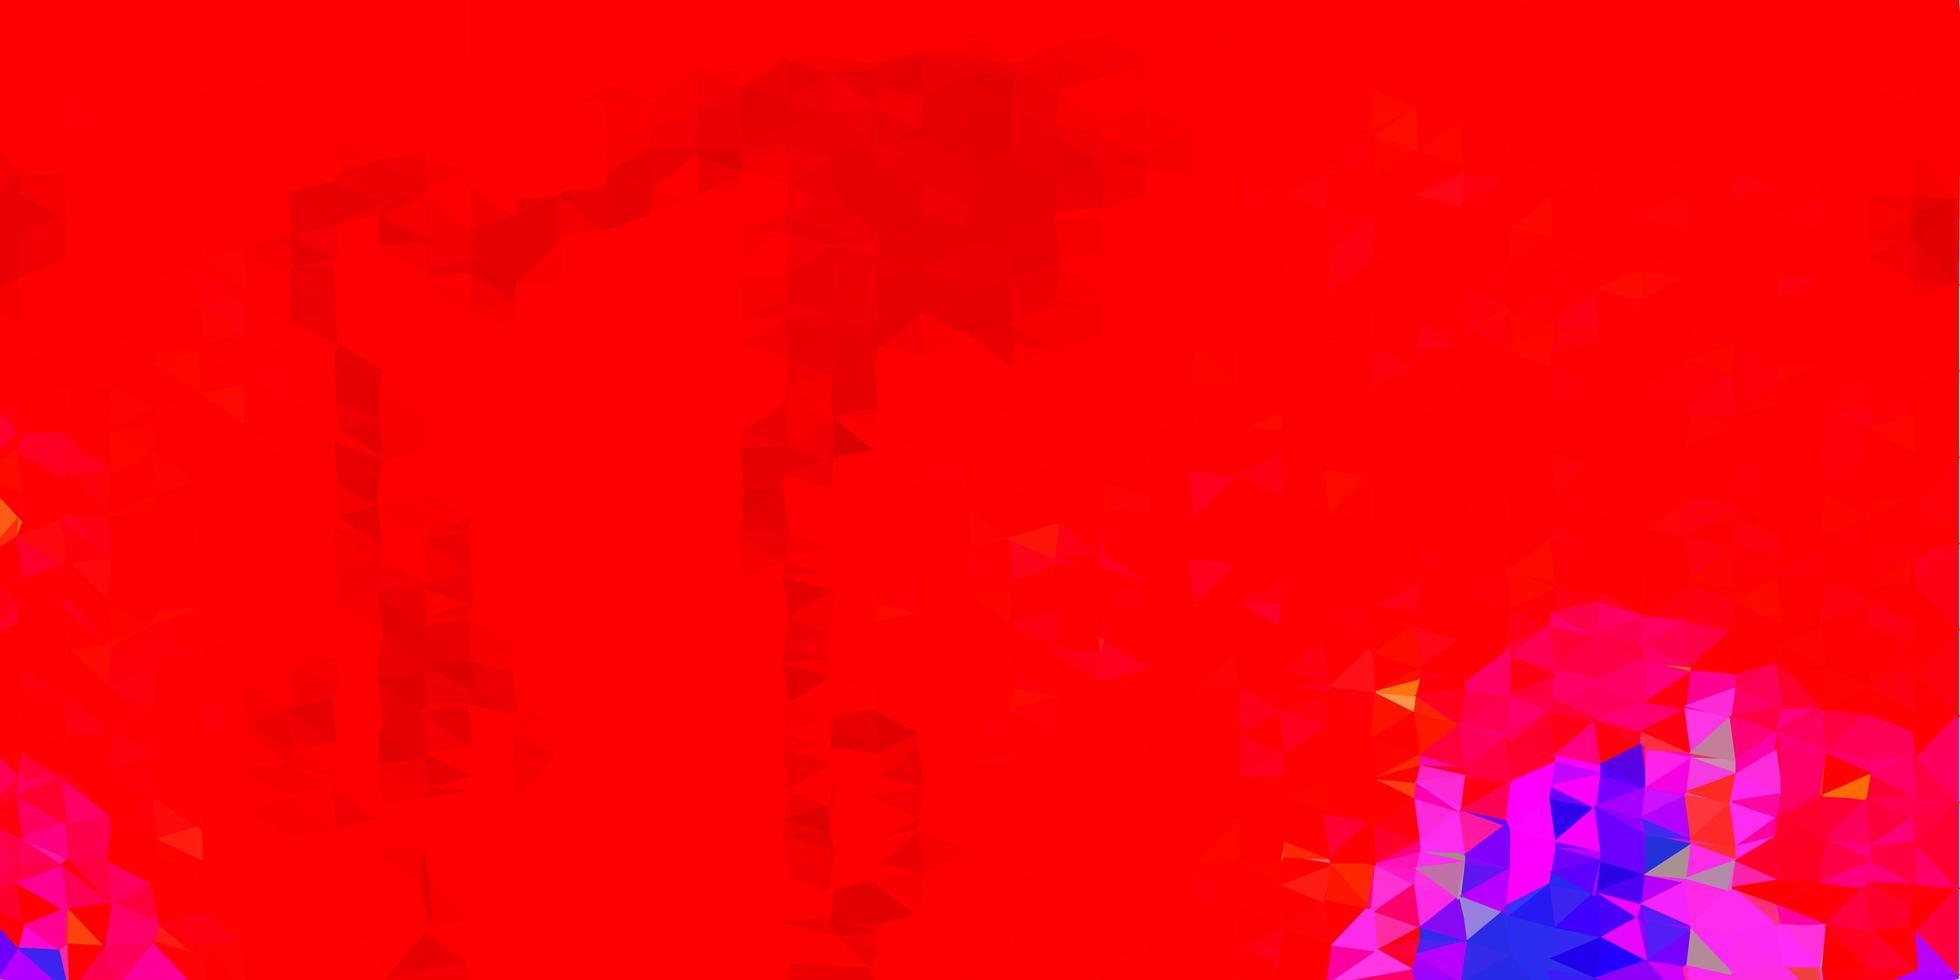 fundo do triângulo do sumário do vetor da laranja escura.